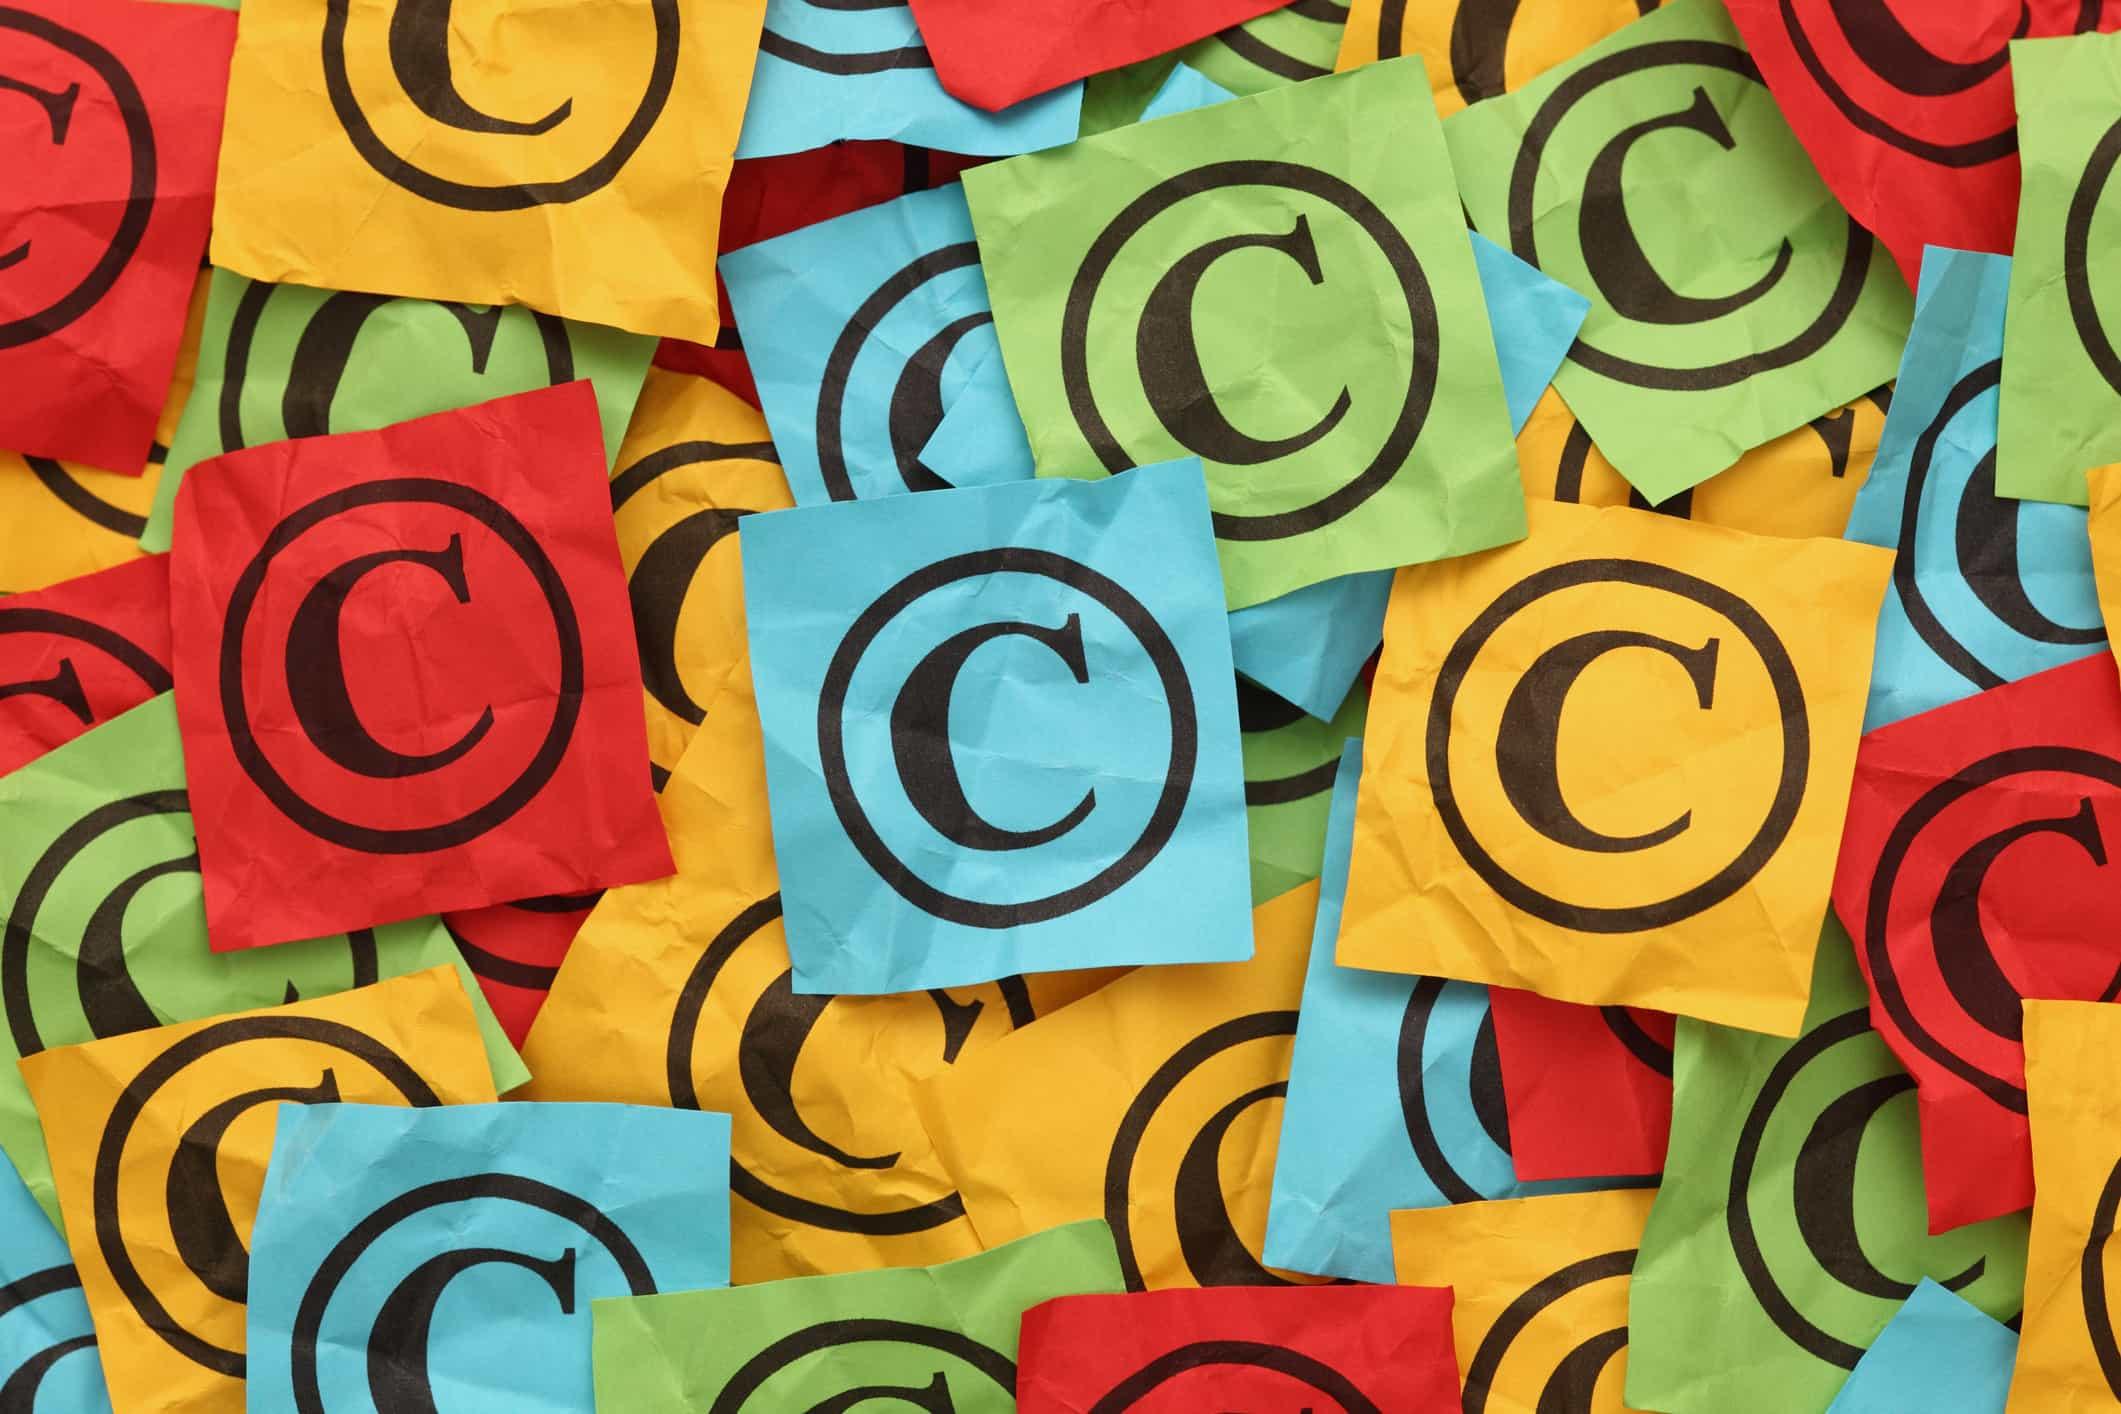 Ley de copyright, artículo 13 y 11: cómo va a cambiar Internet